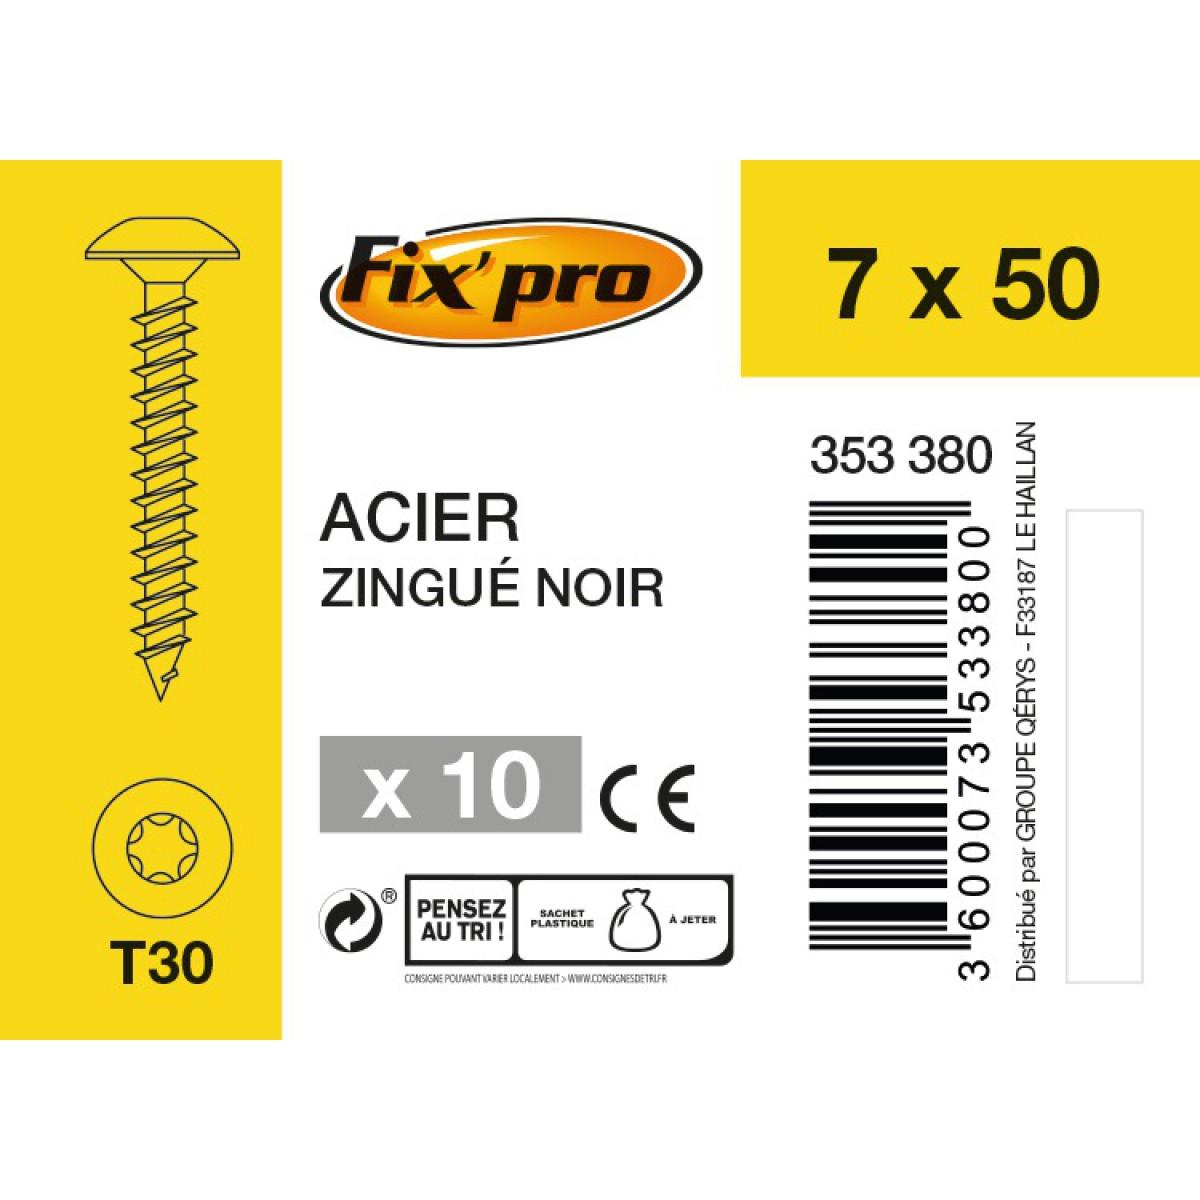 Vis spéciale penture tête étoilée acier zingué noire - 7x50 - 10 pces - FixPro